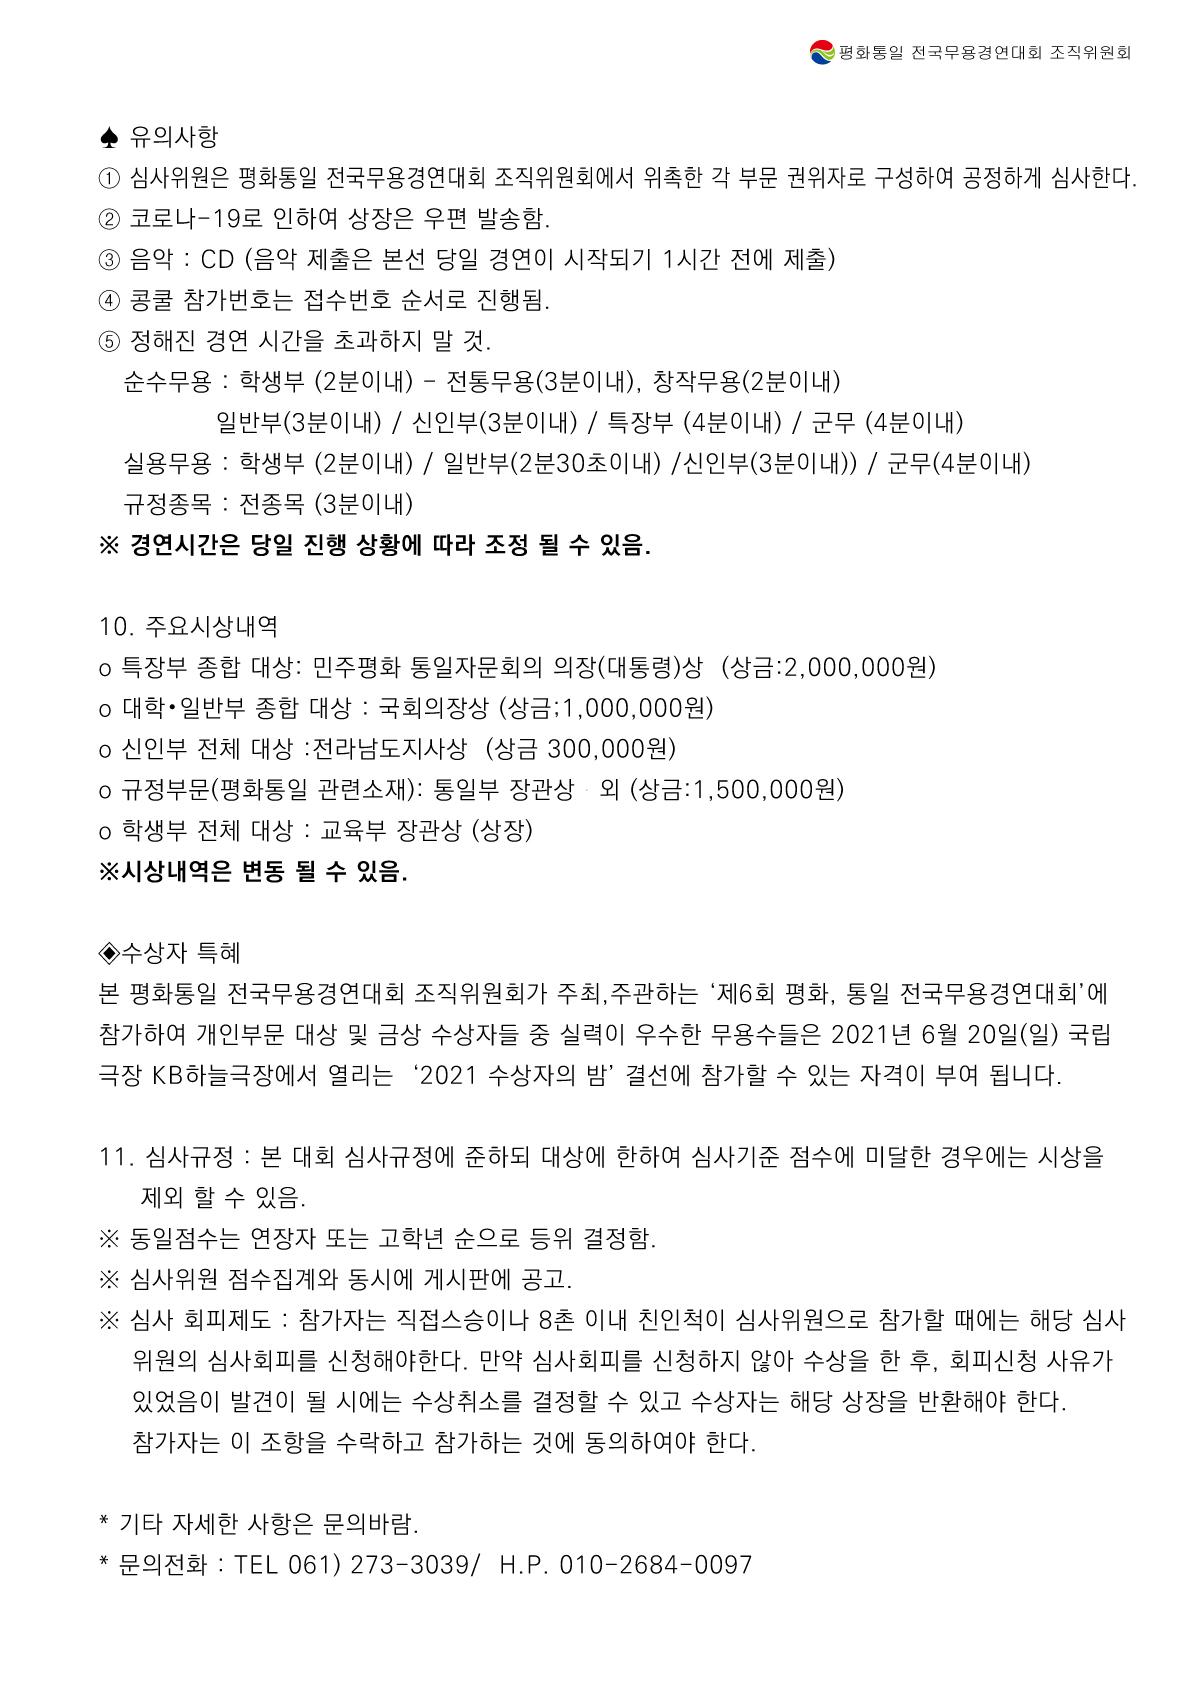 평화통일 개최요강4.jpg